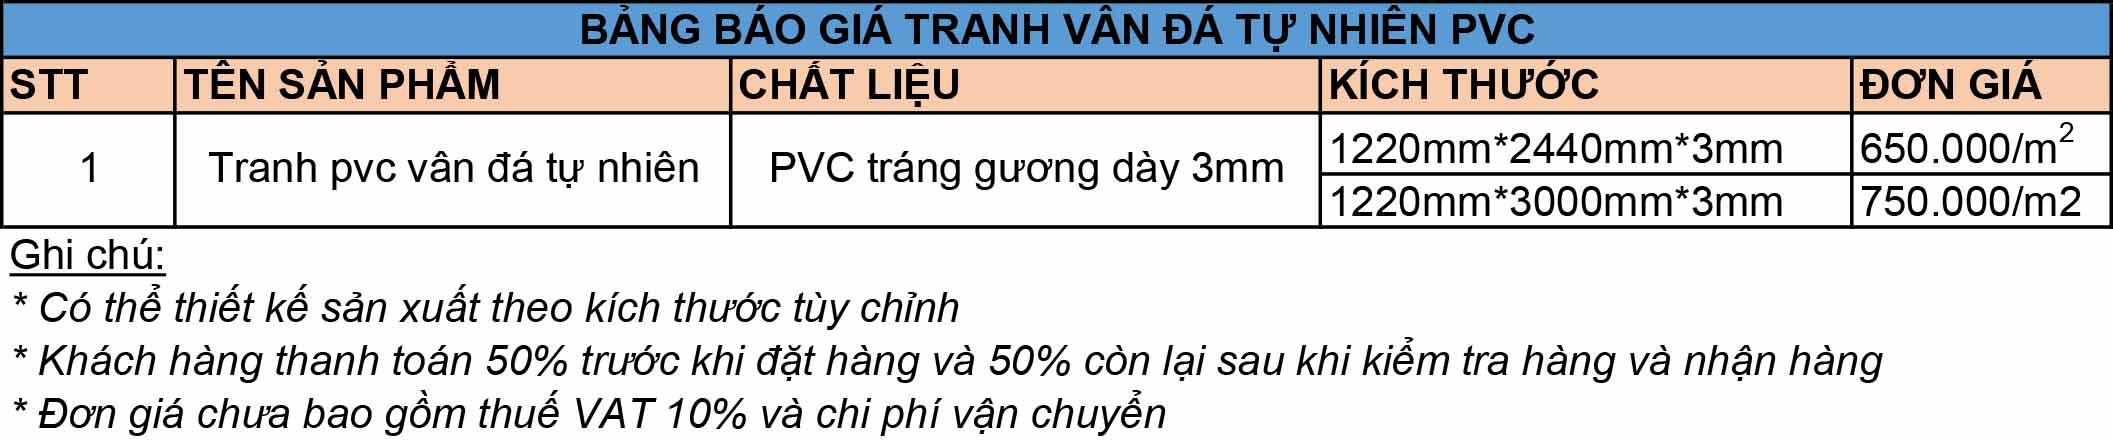 Bảng báo giá tranh vân đá tự nhiên PVC